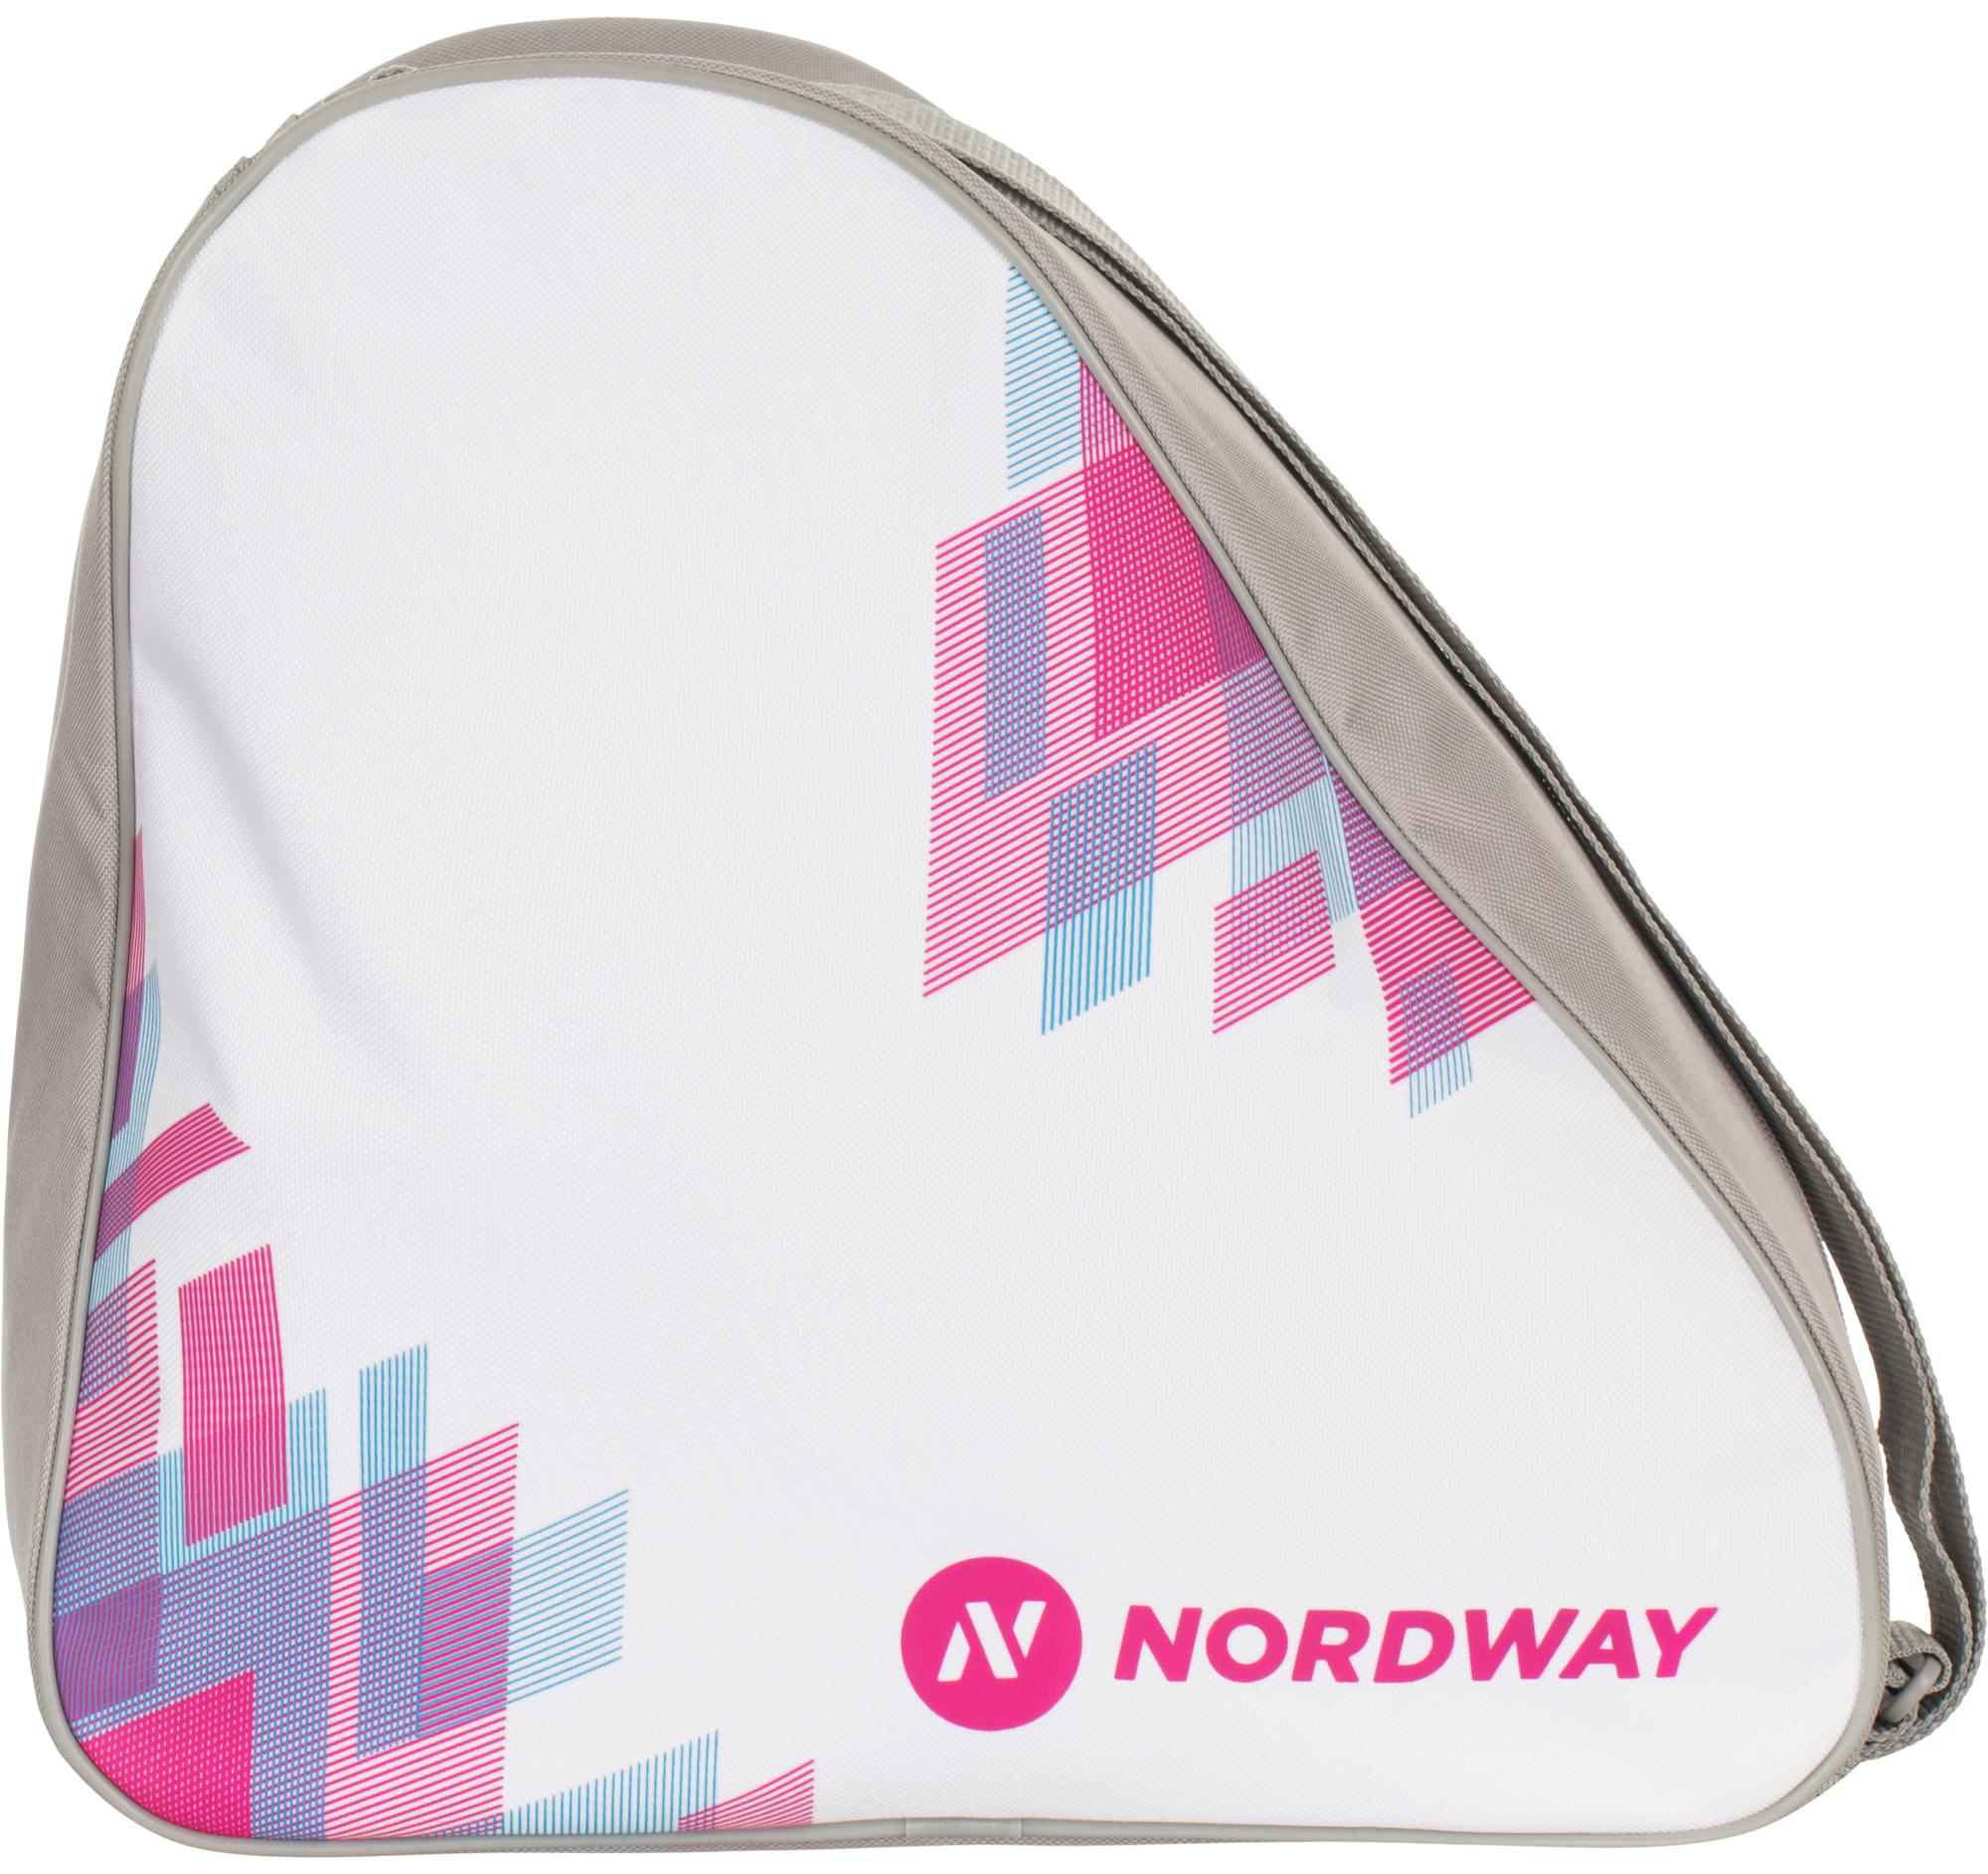 nordway сумка для переноски ледовых коньков детская nordway Nordway Сумка для переноски ледовых коньков Nordway